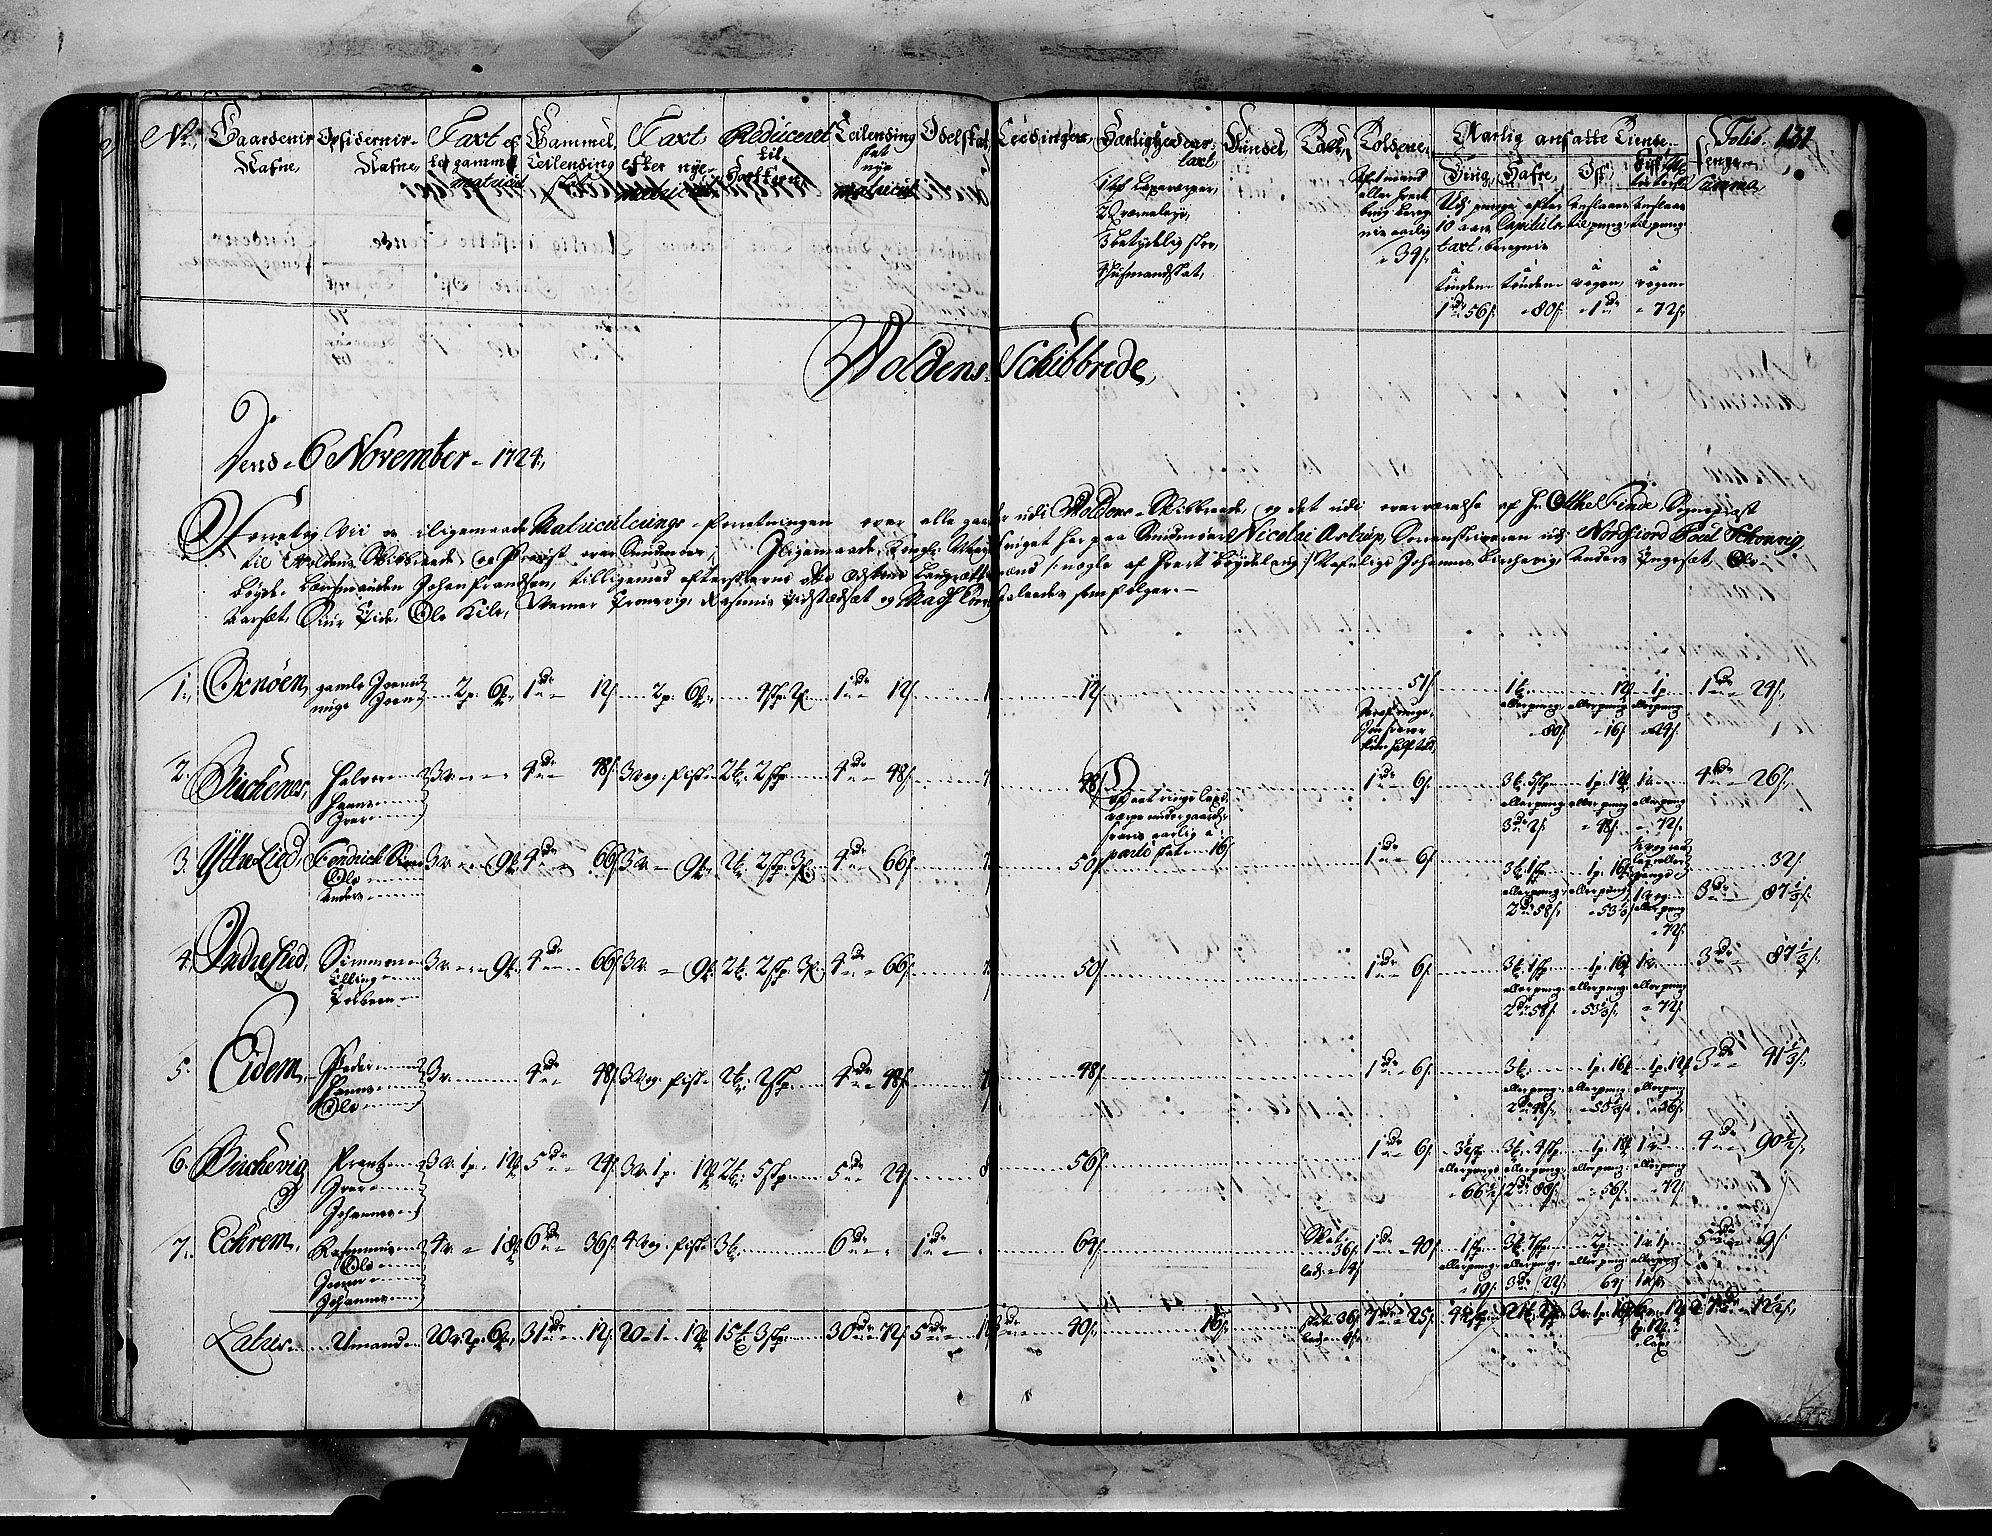 RA, Rentekammeret inntil 1814, Realistisk ordnet avdeling, N/Nb/Nbf/L0151: Sunnmøre matrikkelprotokoll, 1724, s. 130b-131a